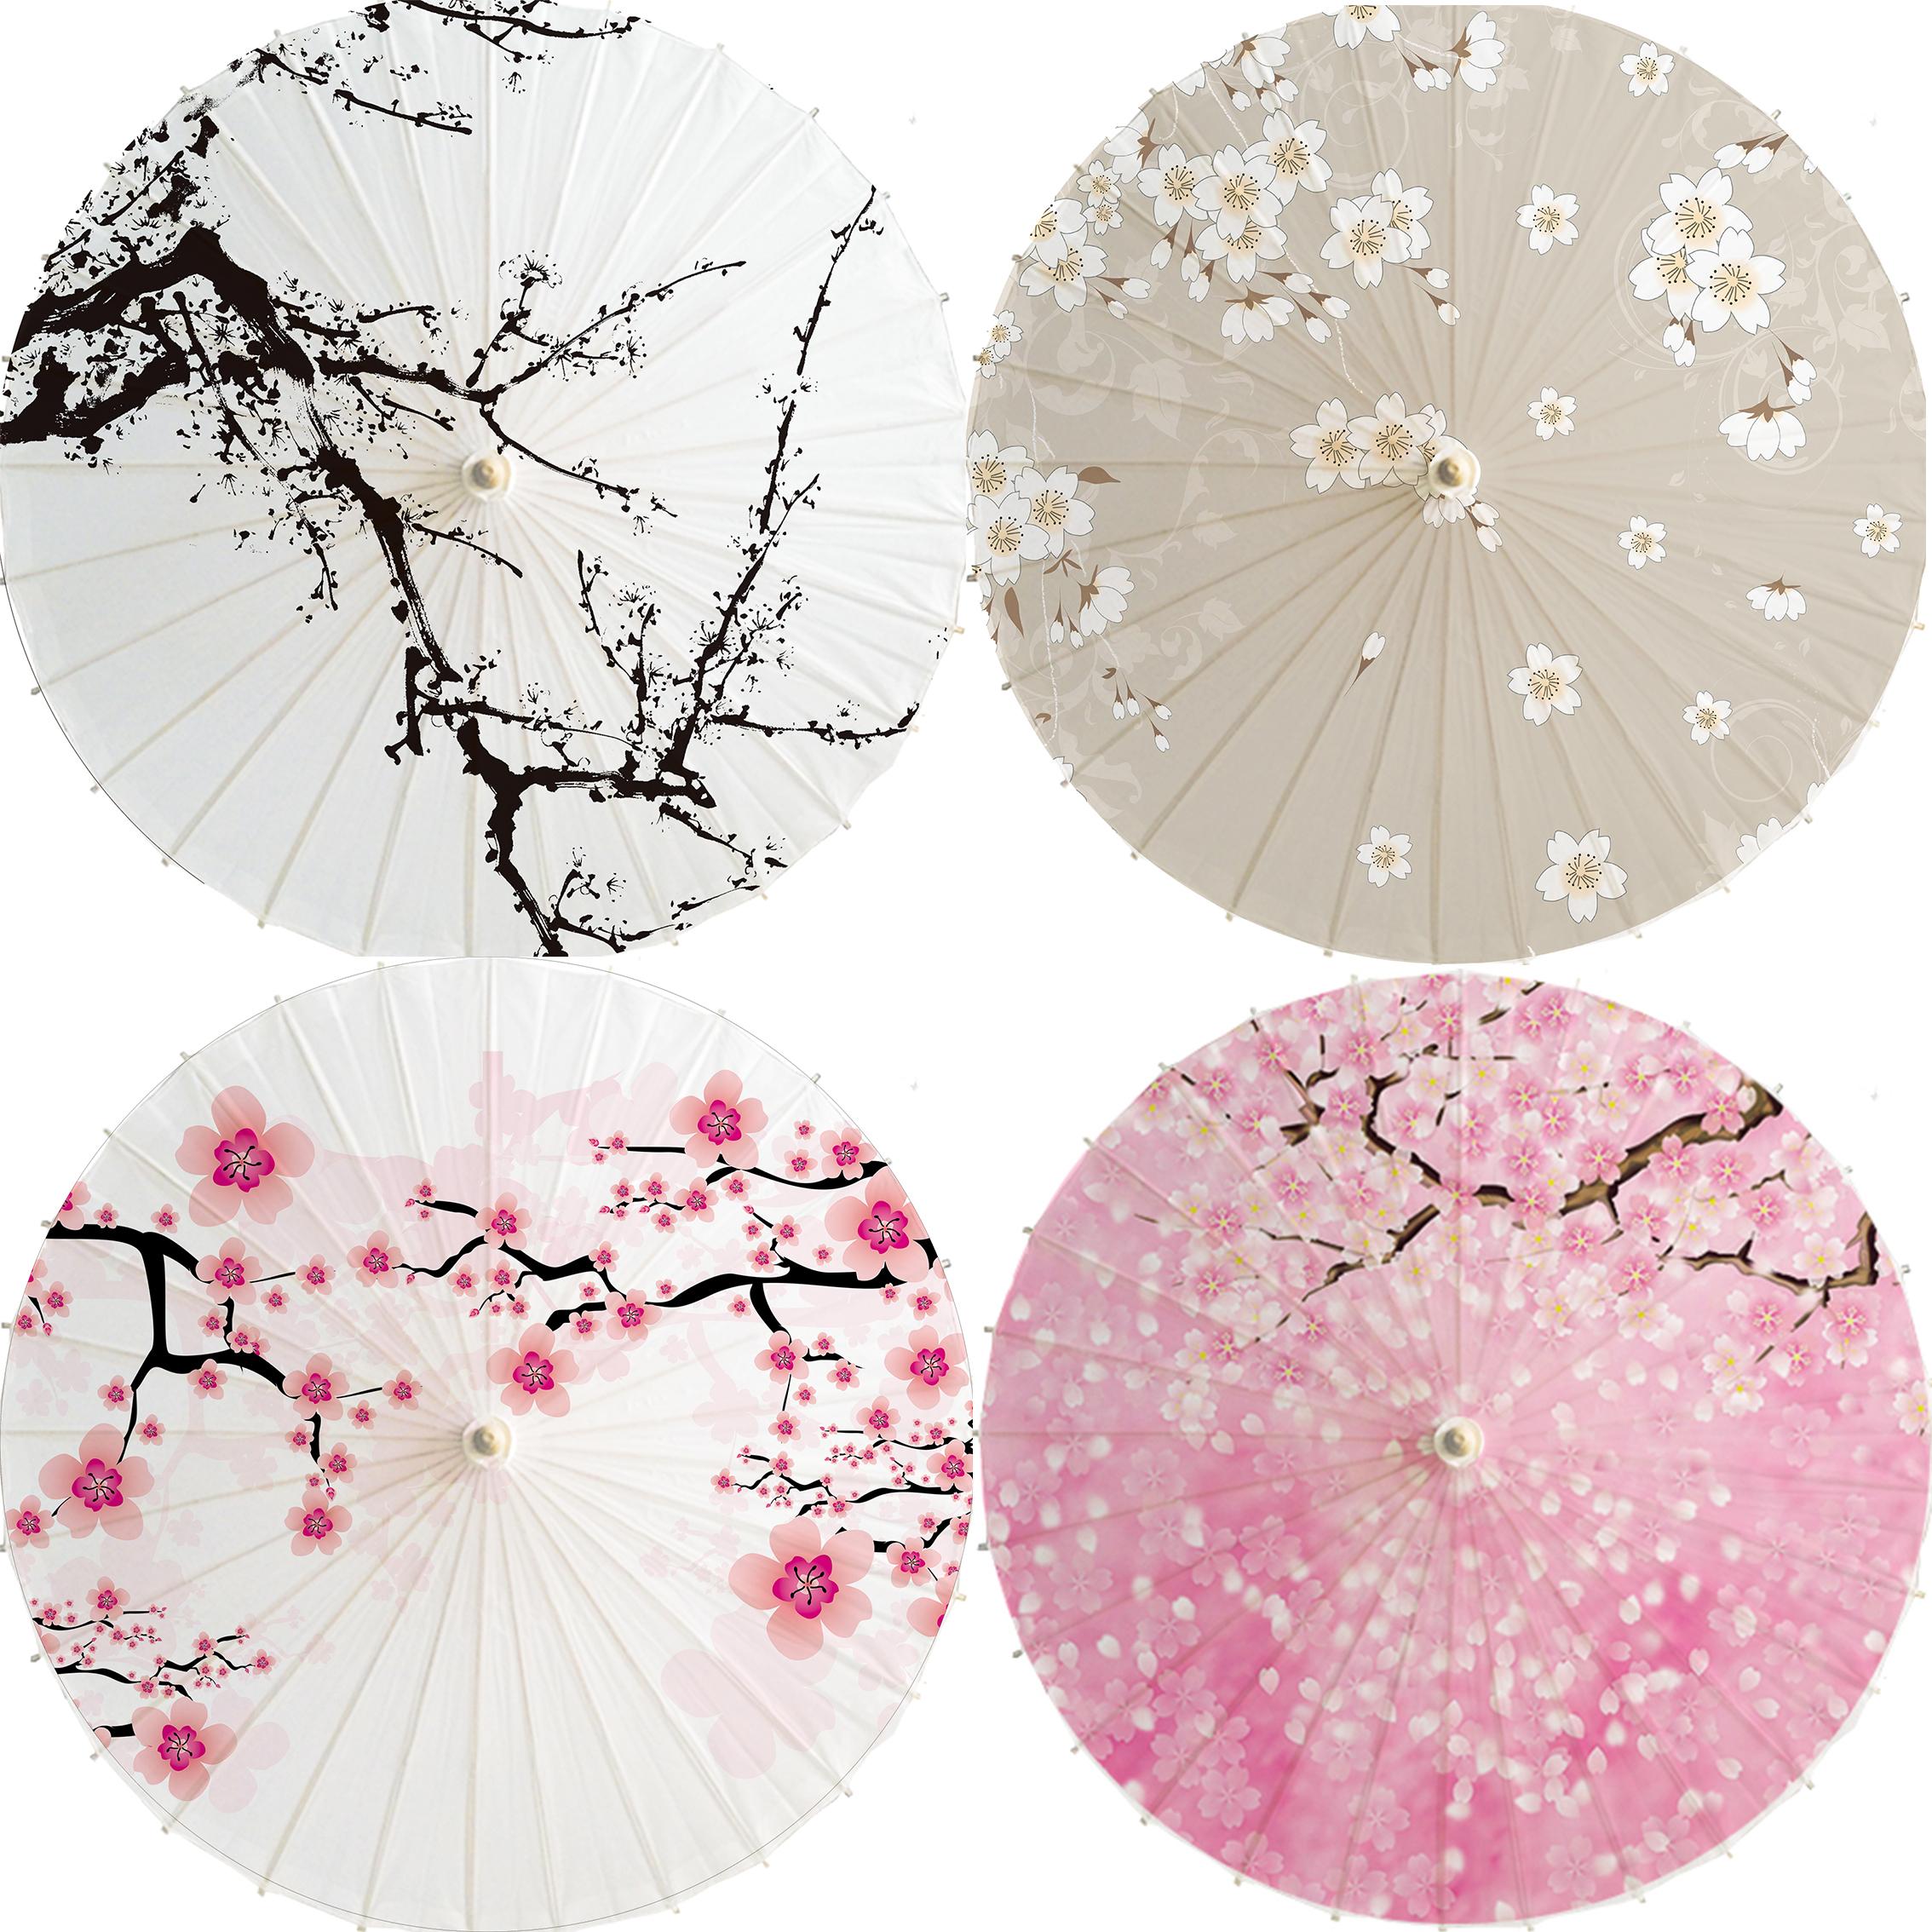 瀘州古典油紙傘防雨防晒 古代雨傘古裝傘 白色櫻花 舞蹈道具傘